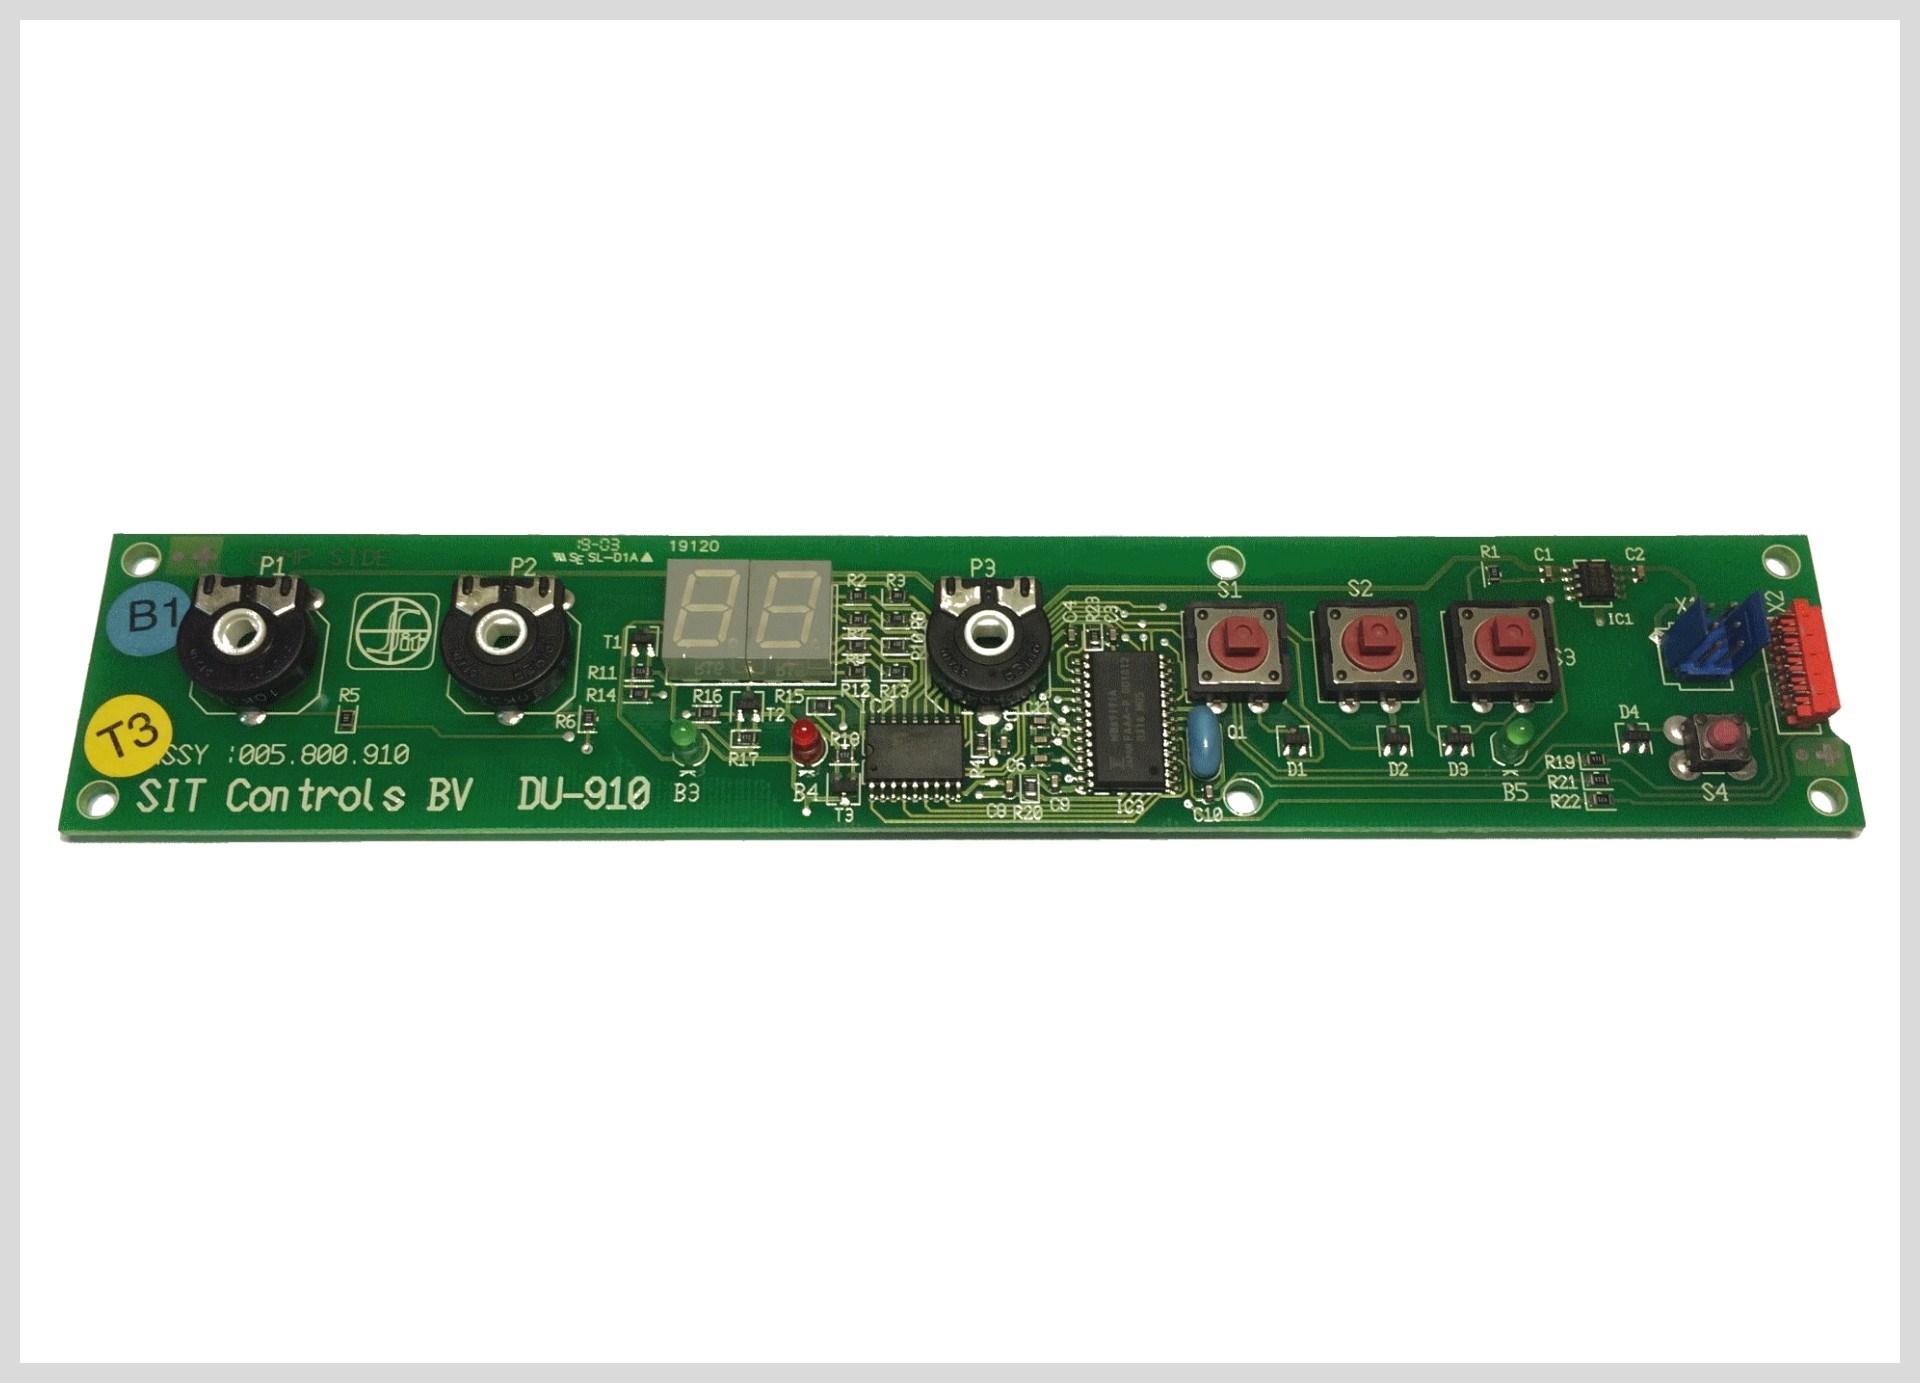 Elektronika ovladacího panelu Bimetal